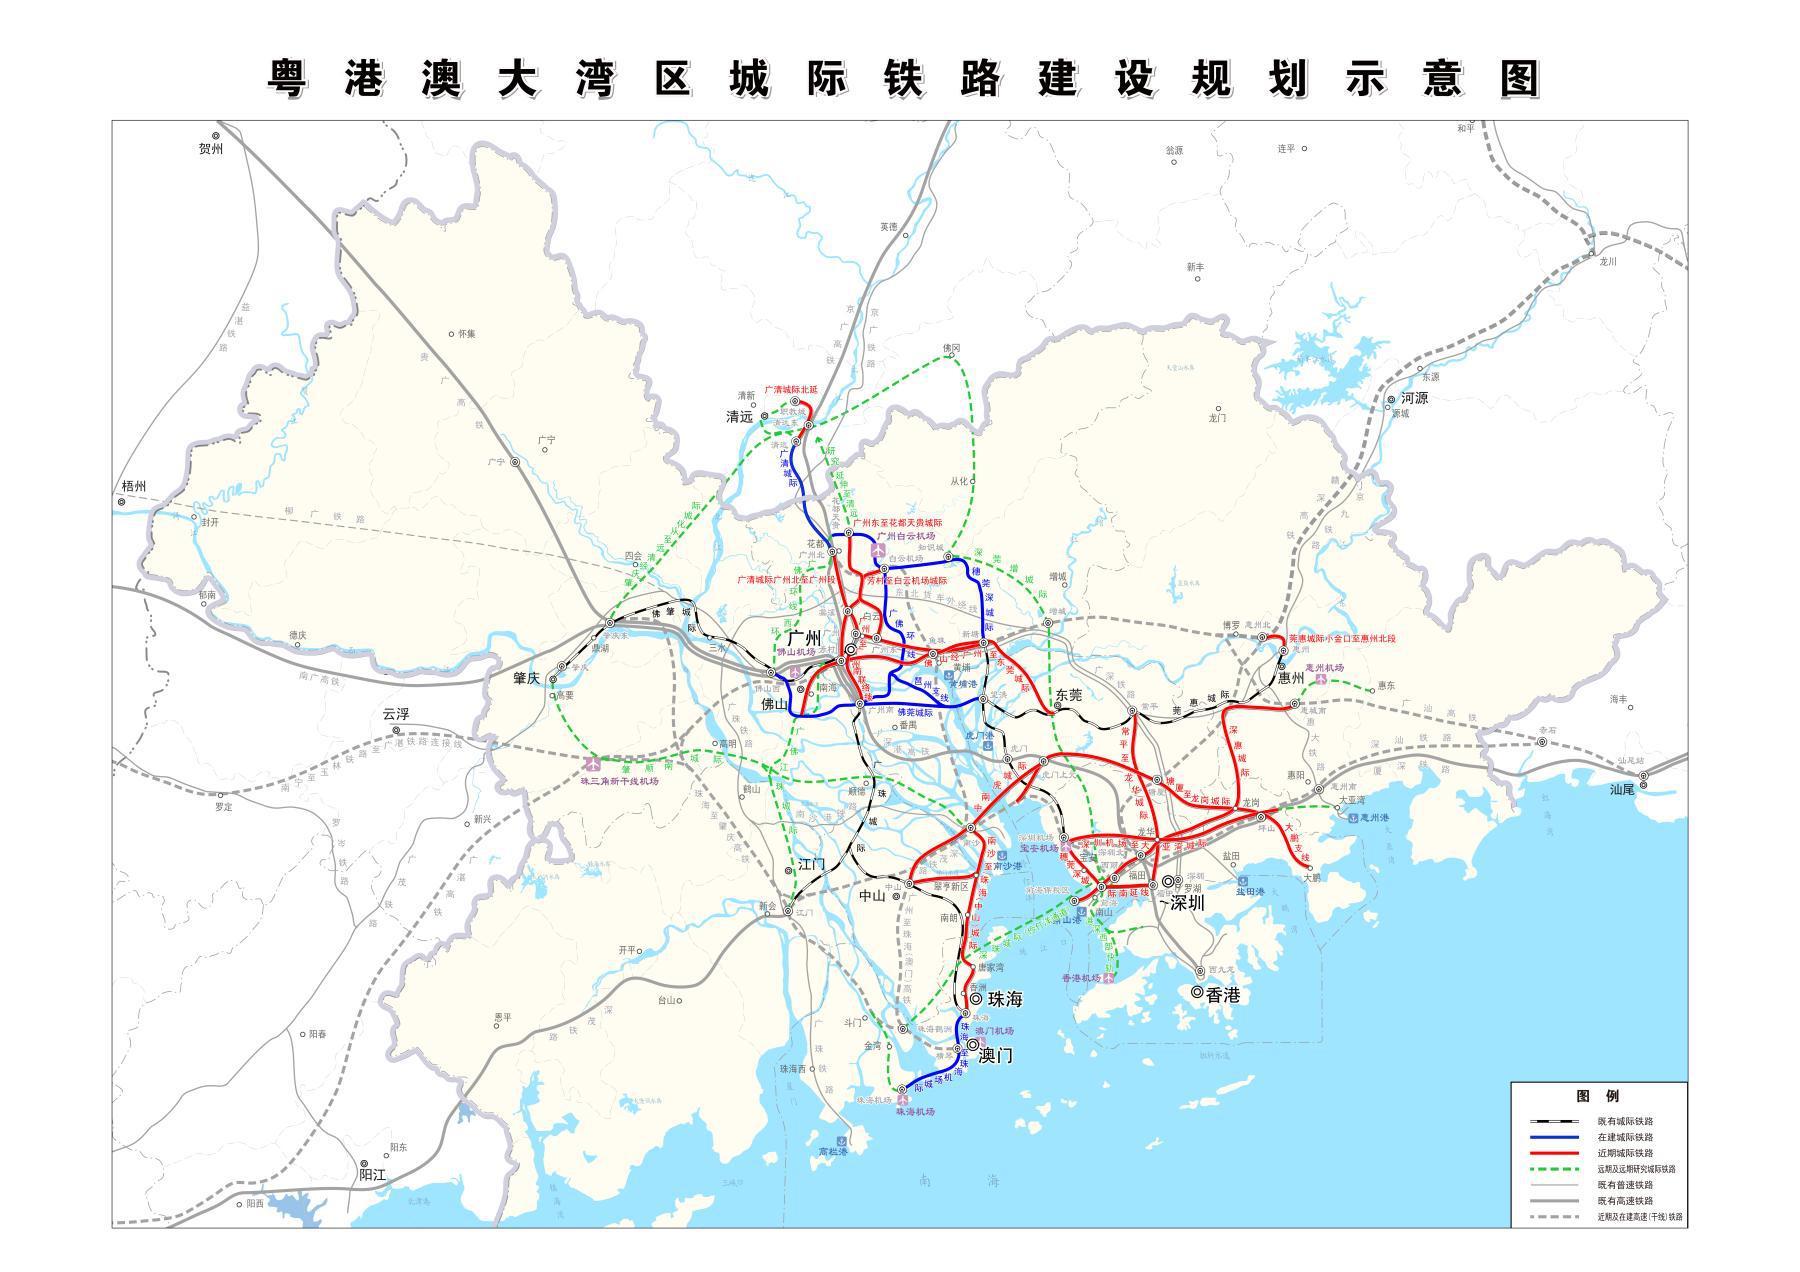 粤港澳大湾区城际铁路建设规划示意图